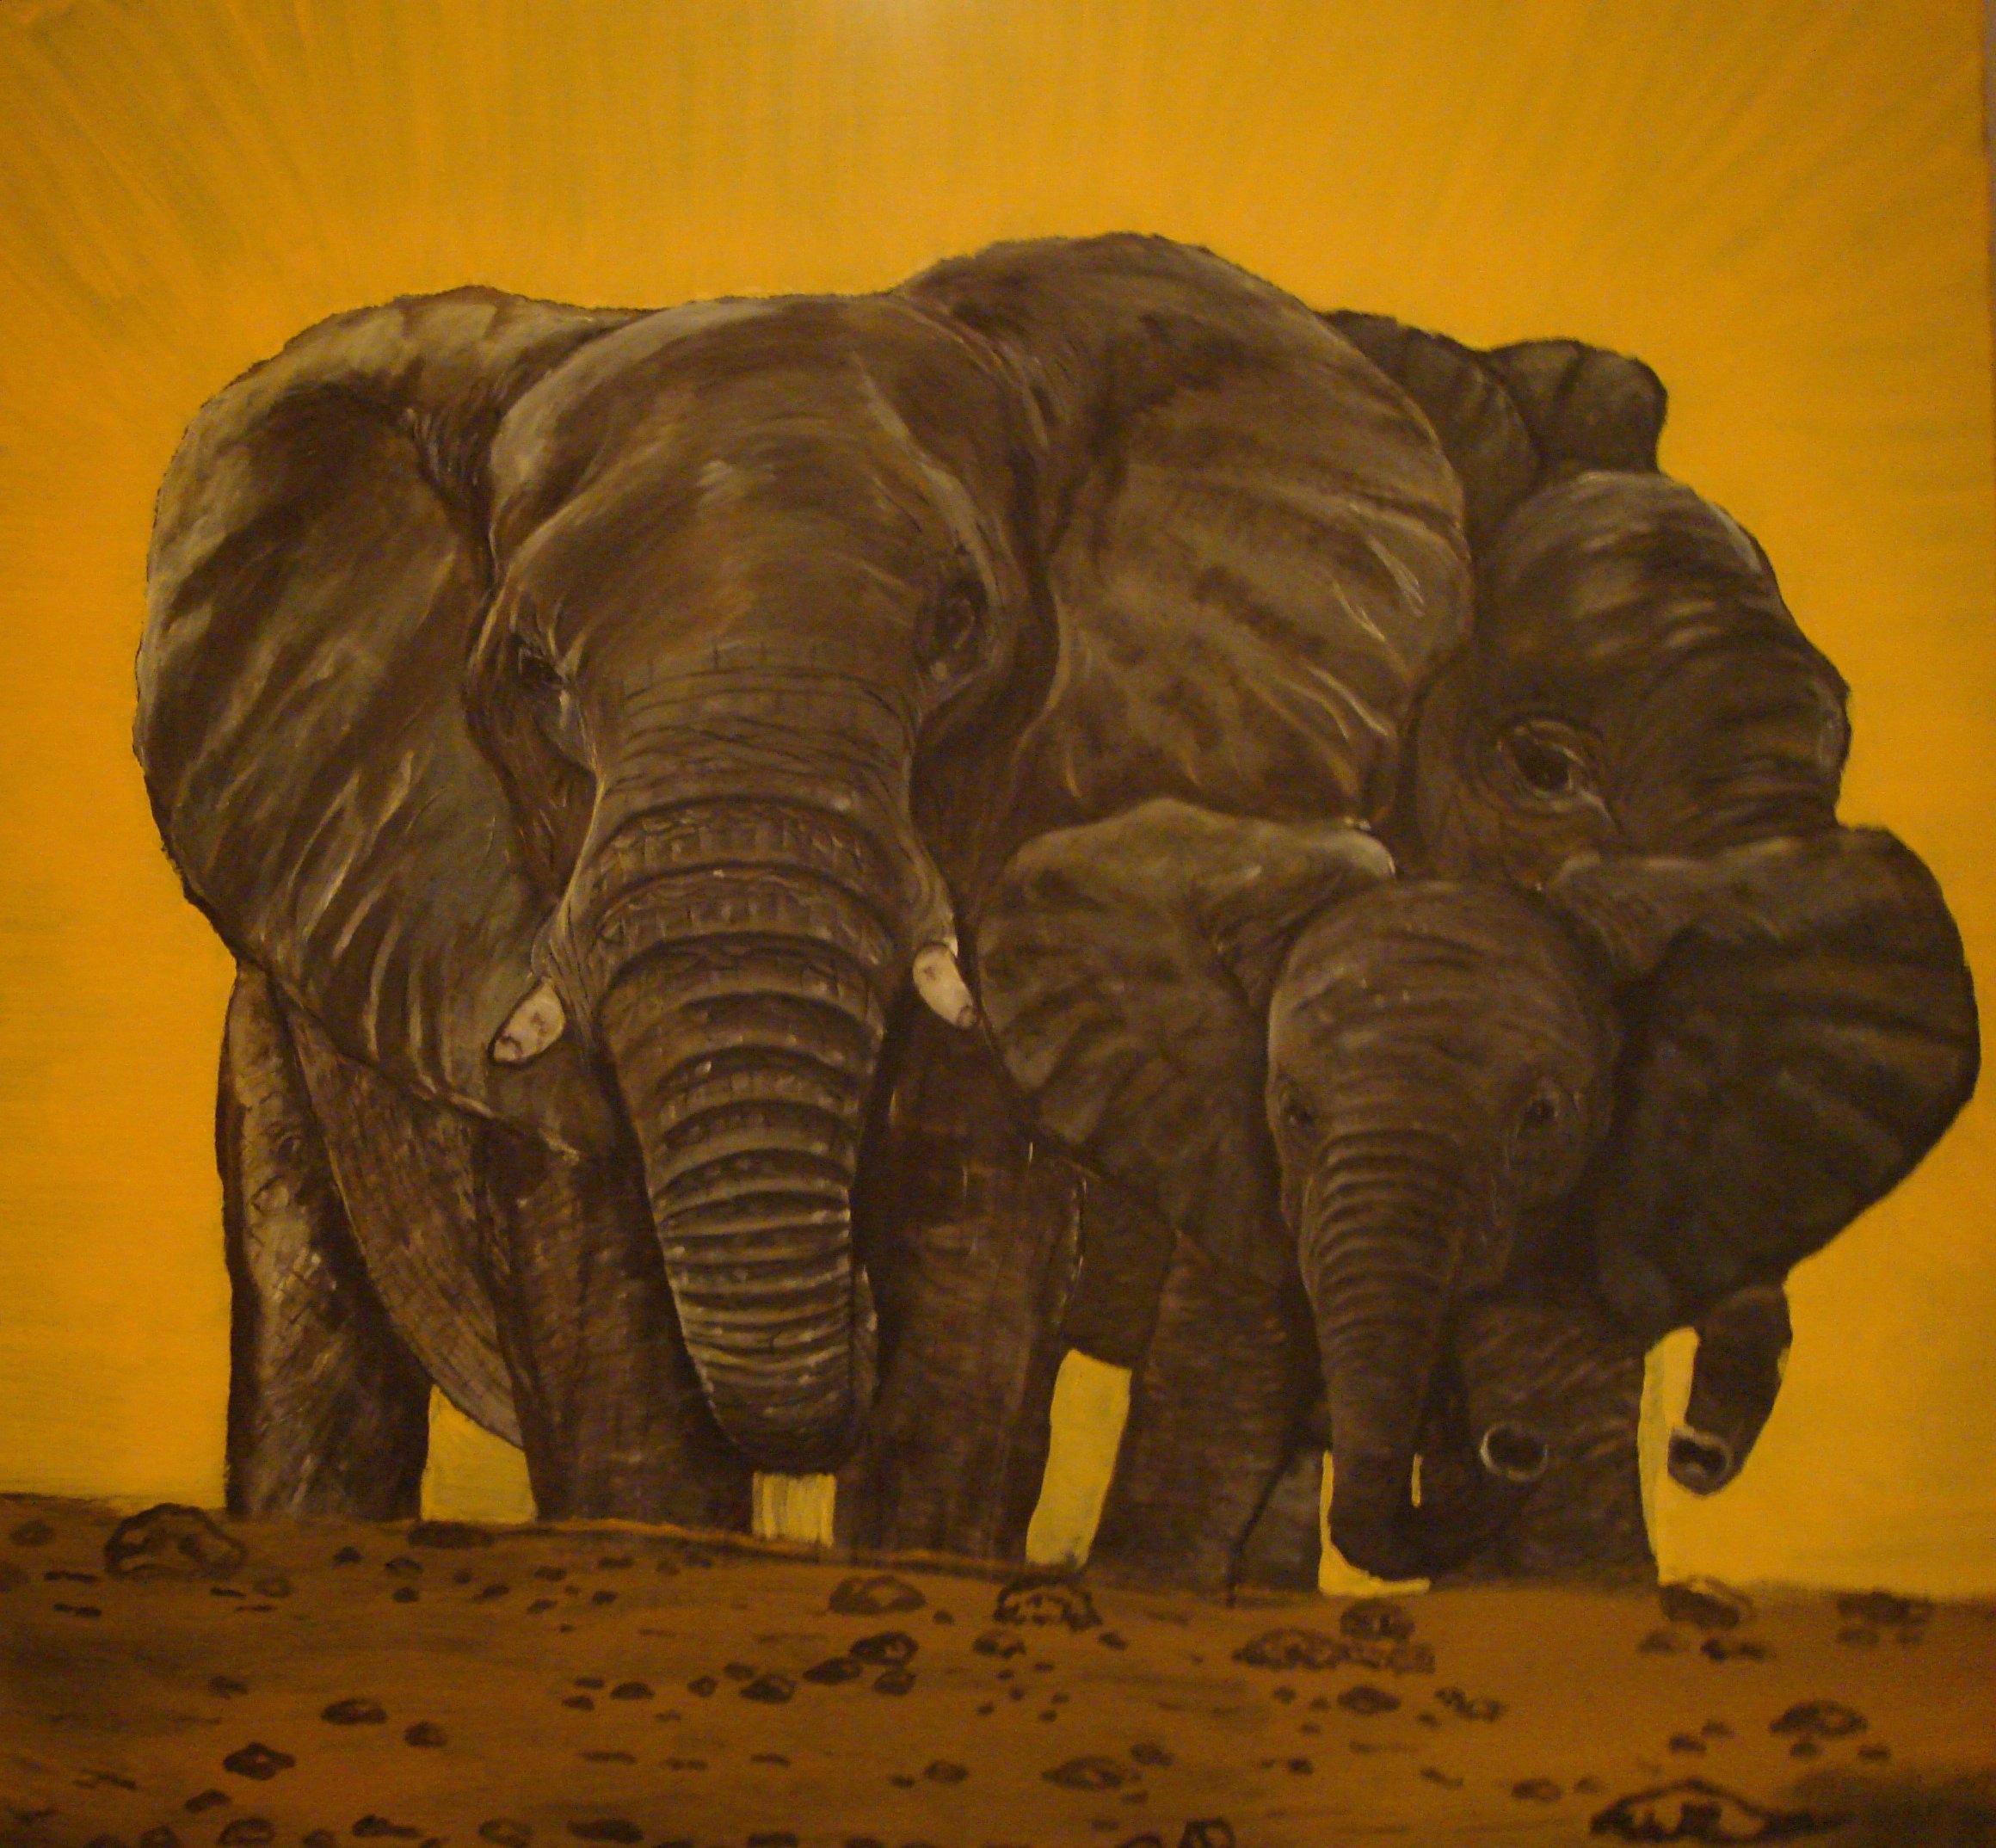 DER ELEPHANTENPFAD